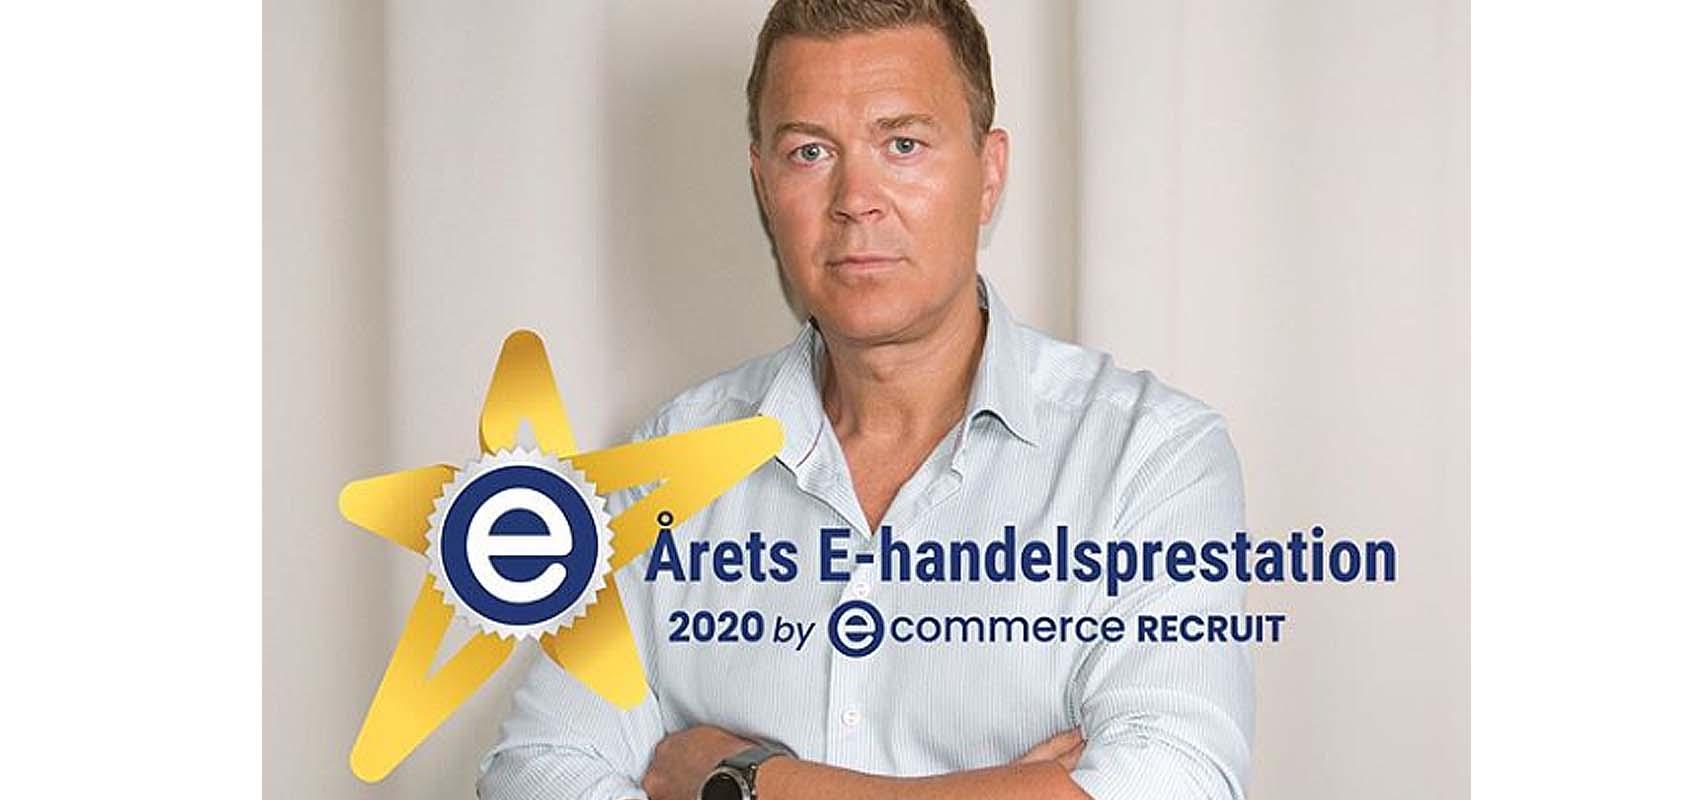 Årets e-handelsprestation till Mikael Snabb från CAIA